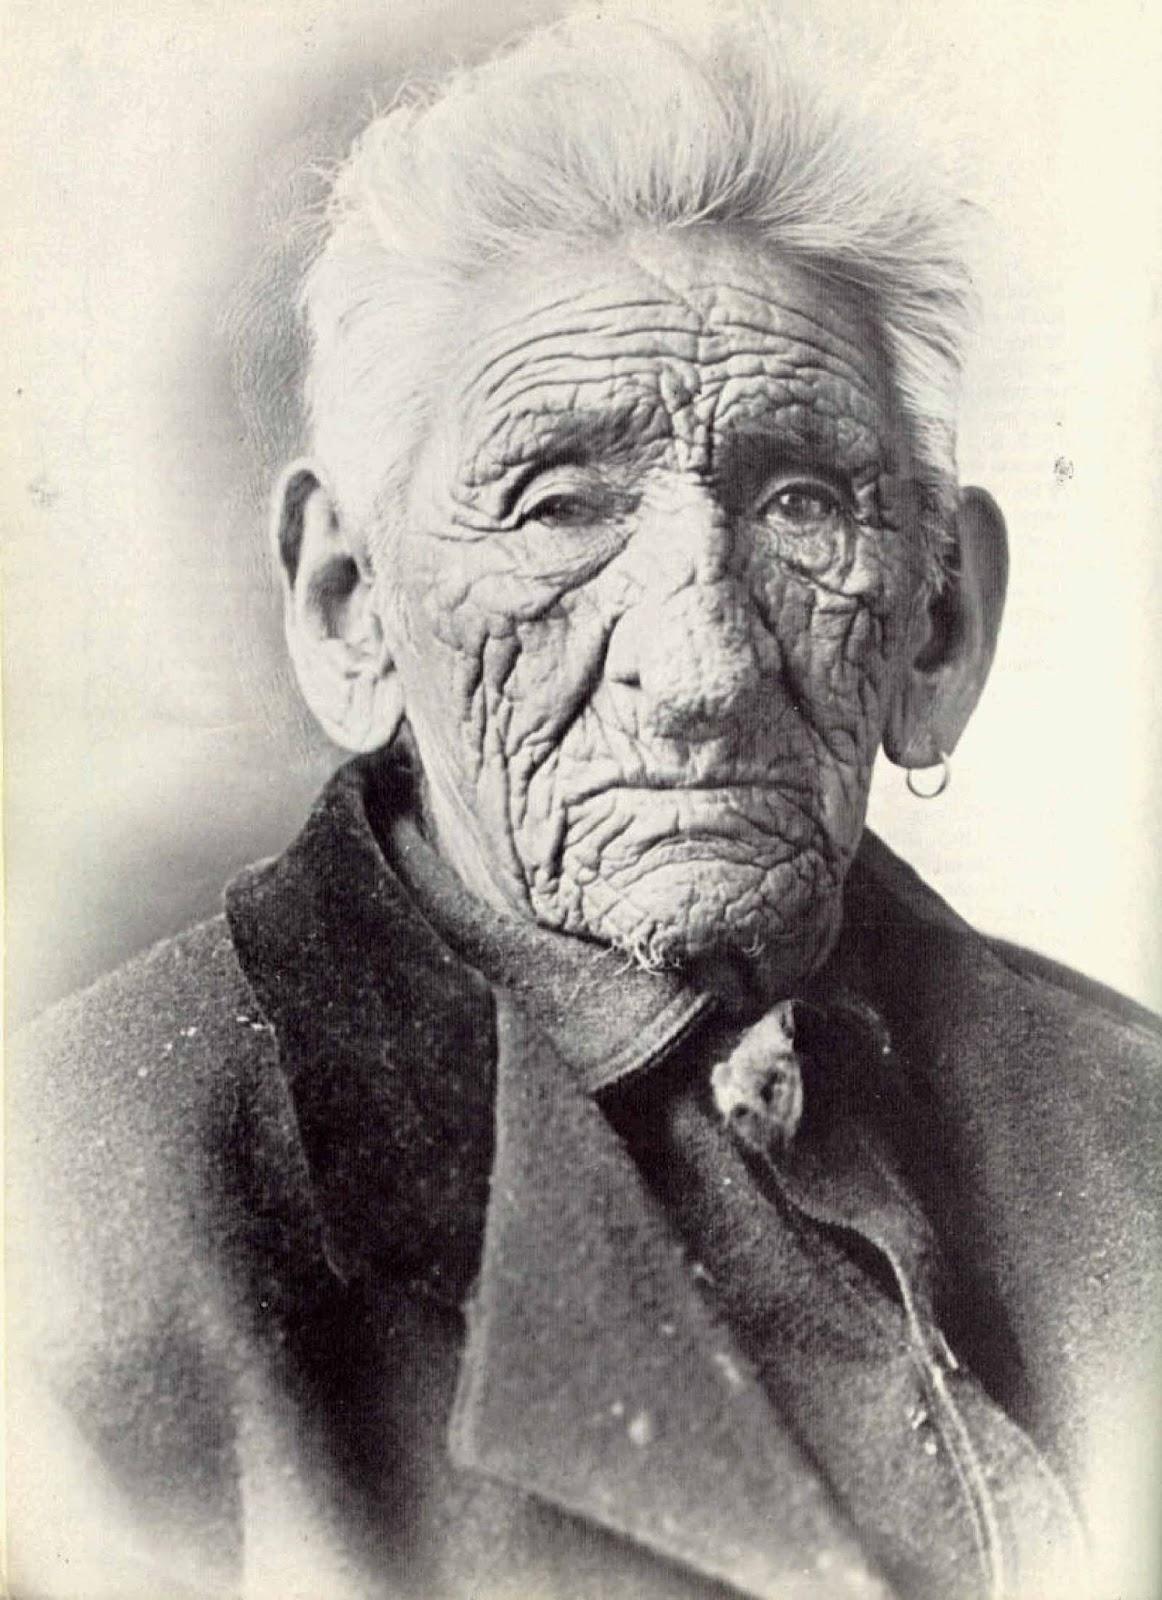 chief john smith 3 - Possivelmente estes senhores foram - A pessoa mais velha do mundo